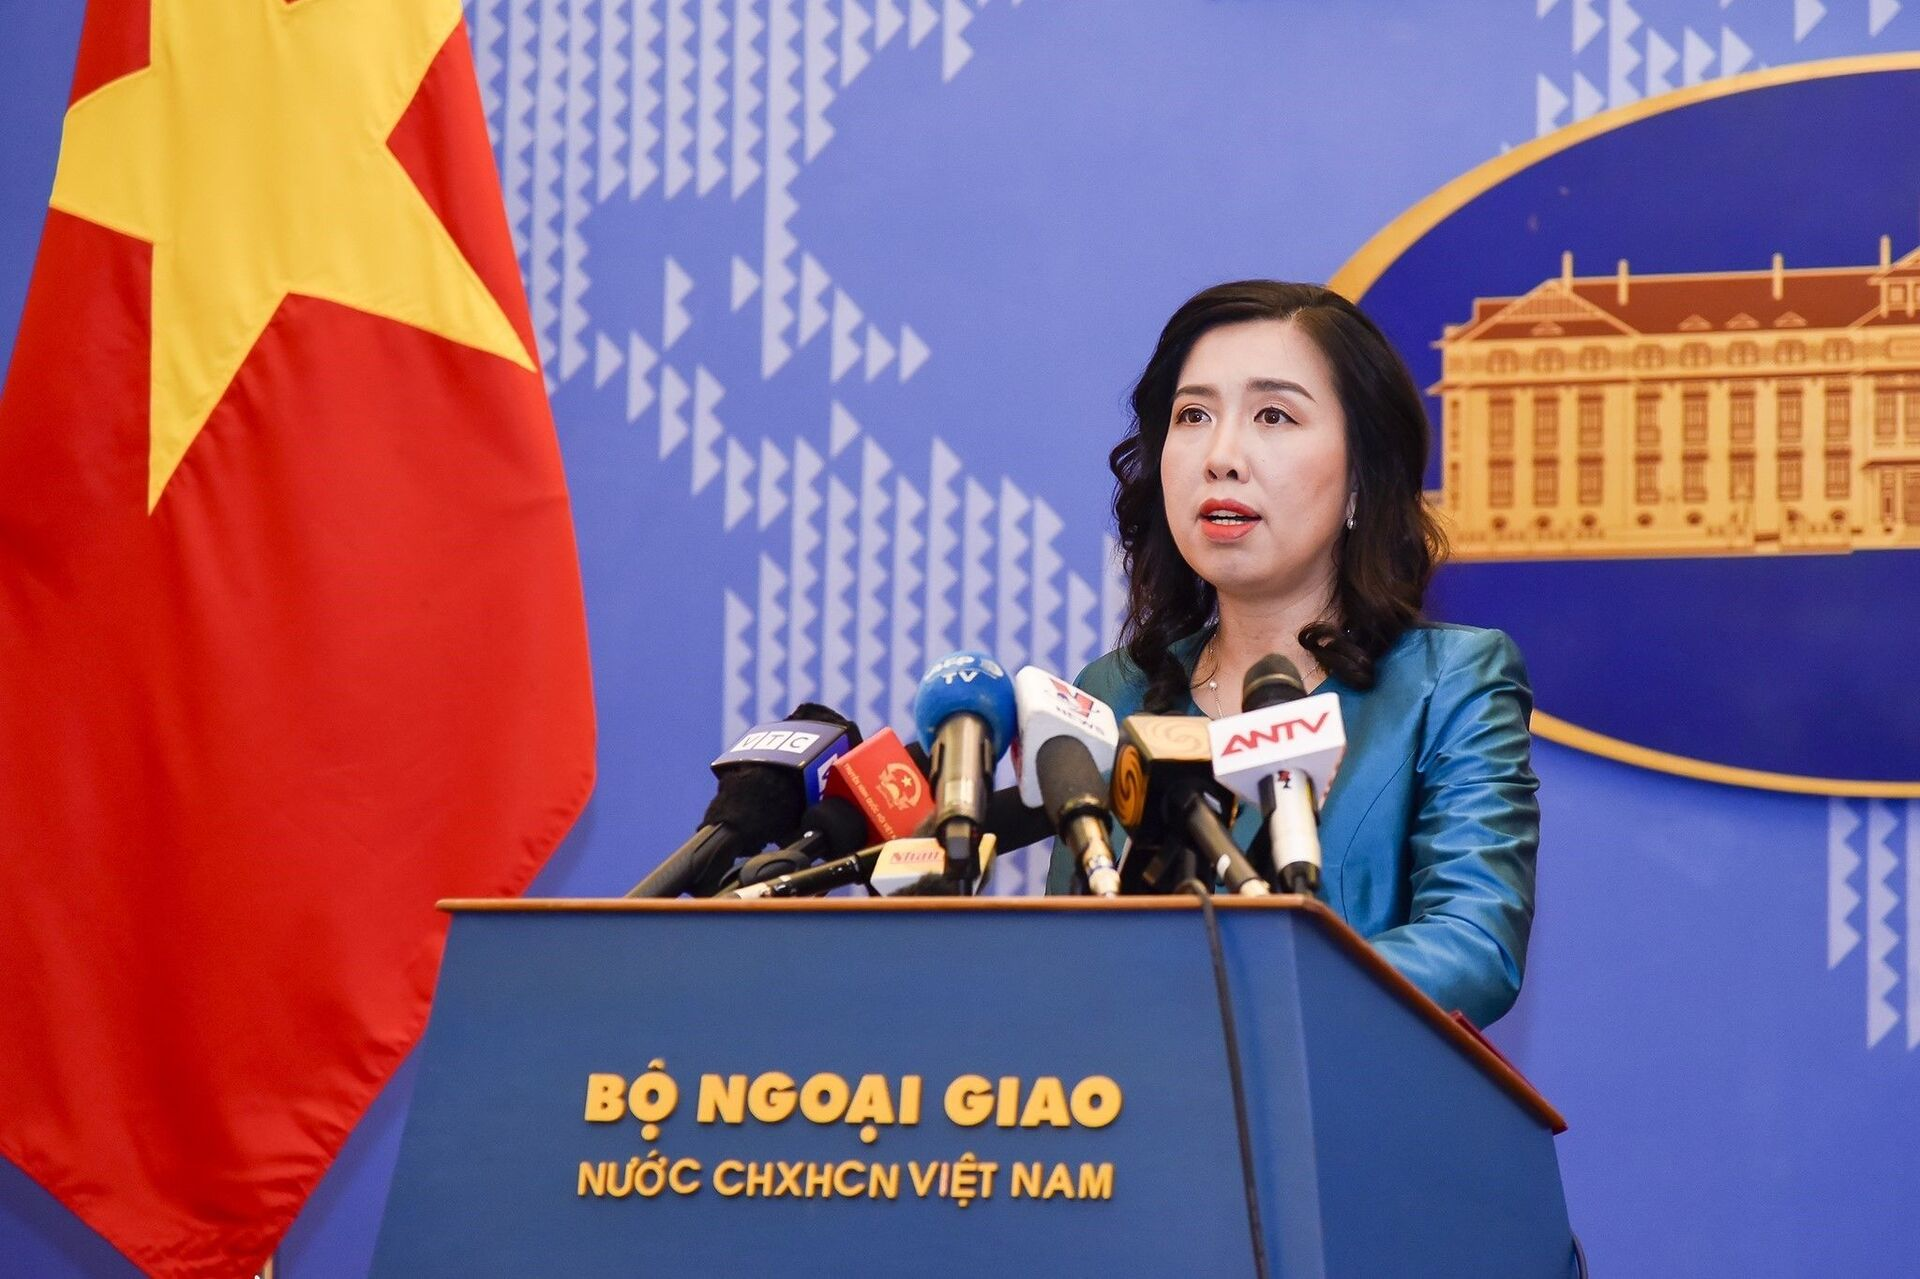 Mỹ khen ngợi Việt Nam vì cam kết giải quyết cáo buộc thao túng tiền tệ - Sputnik Việt Nam, 1920, 21.07.2021